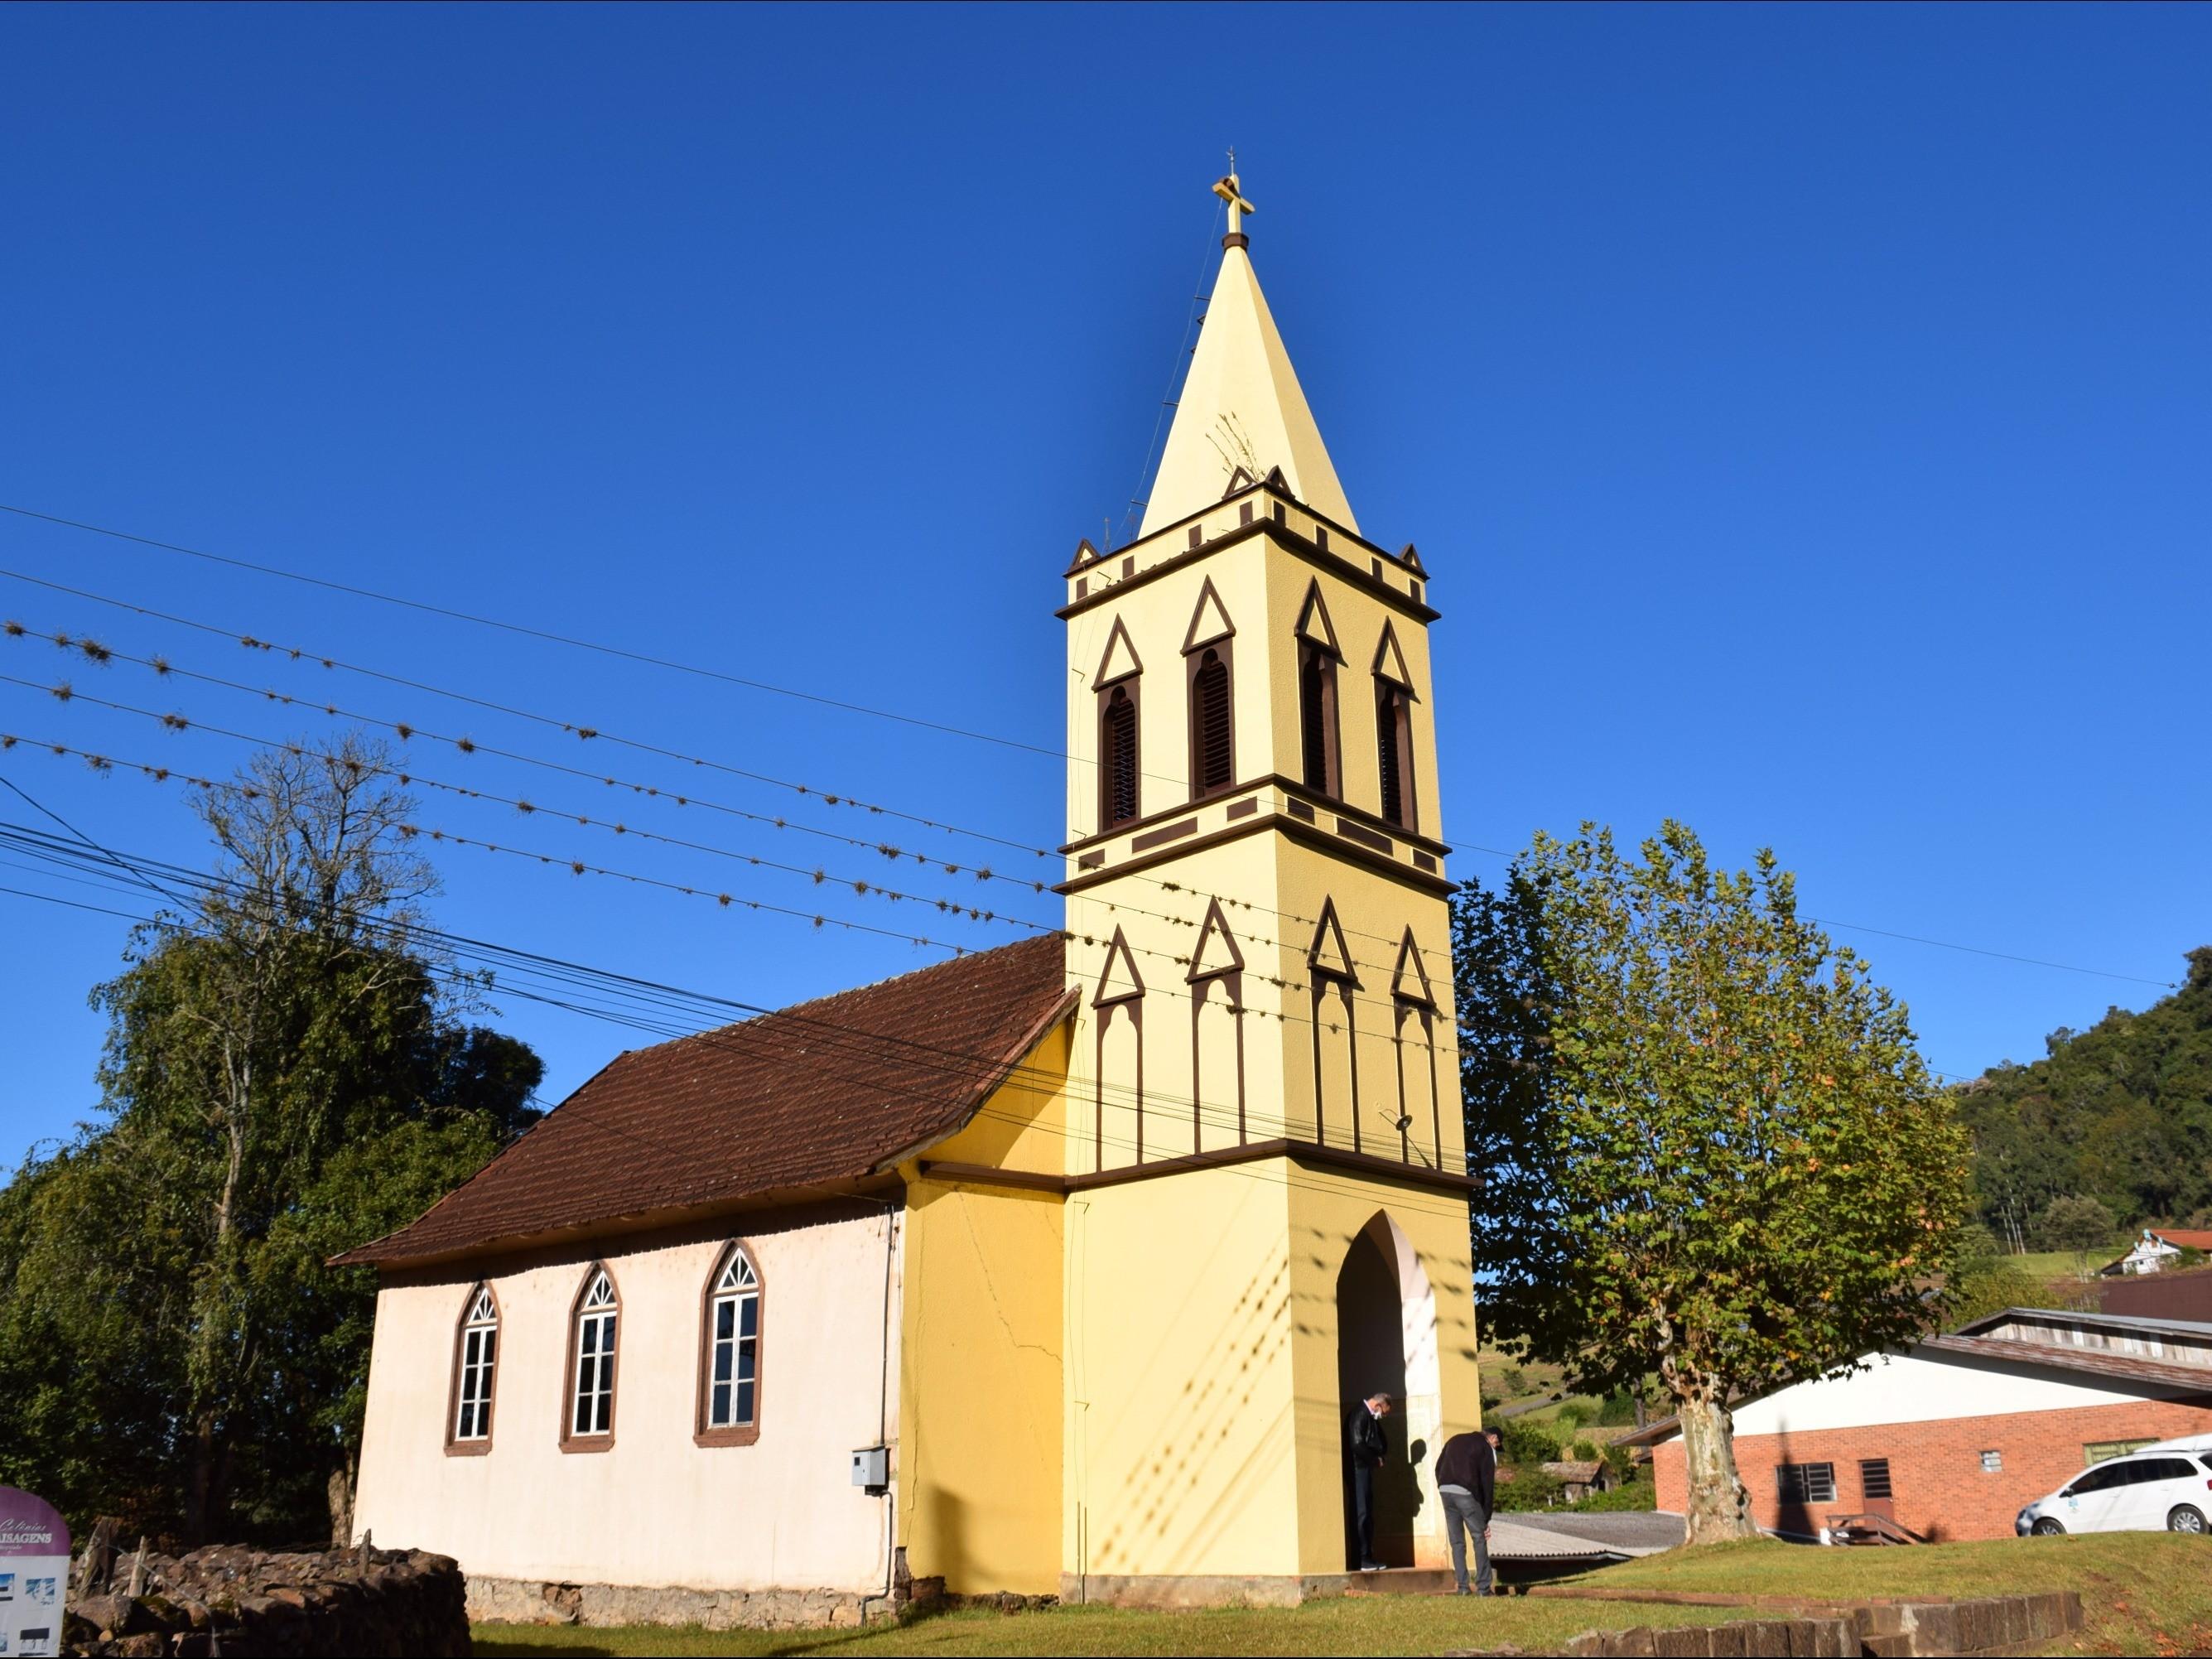 Foto de capa da notícia: Igreja de Nove Colônias construída há 95 anos será restaurada